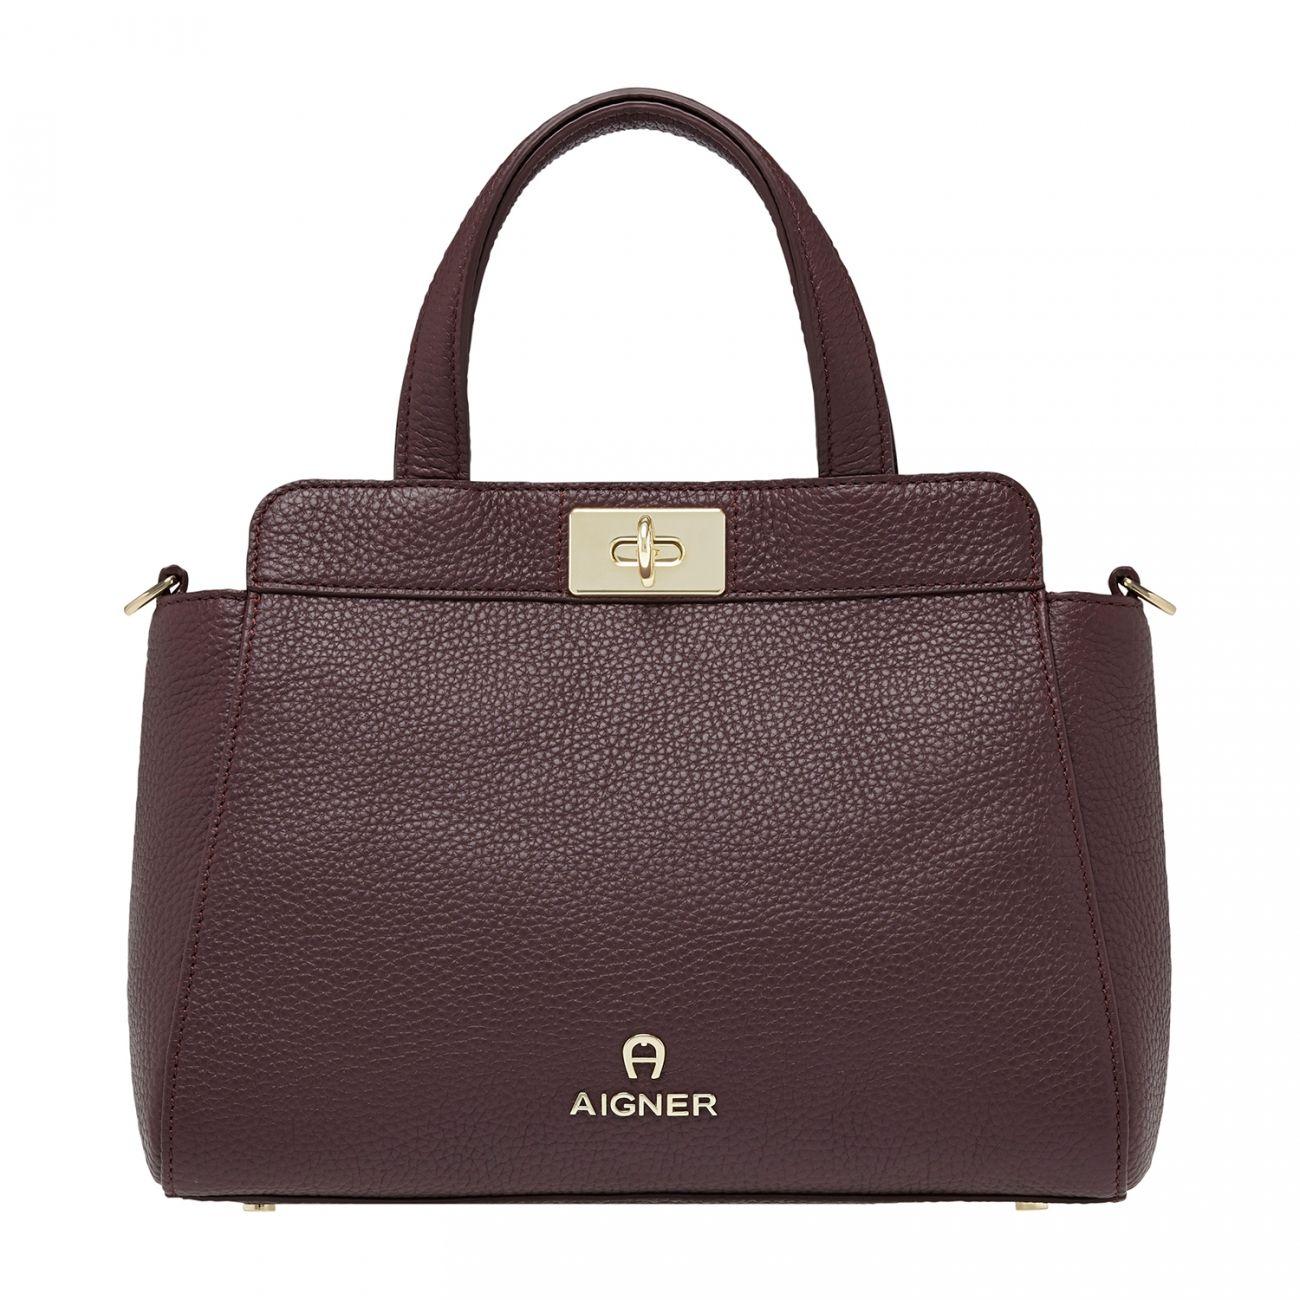 Ophelia Handtasche S - Taschen - Damen - Etienne Aigner AG ...